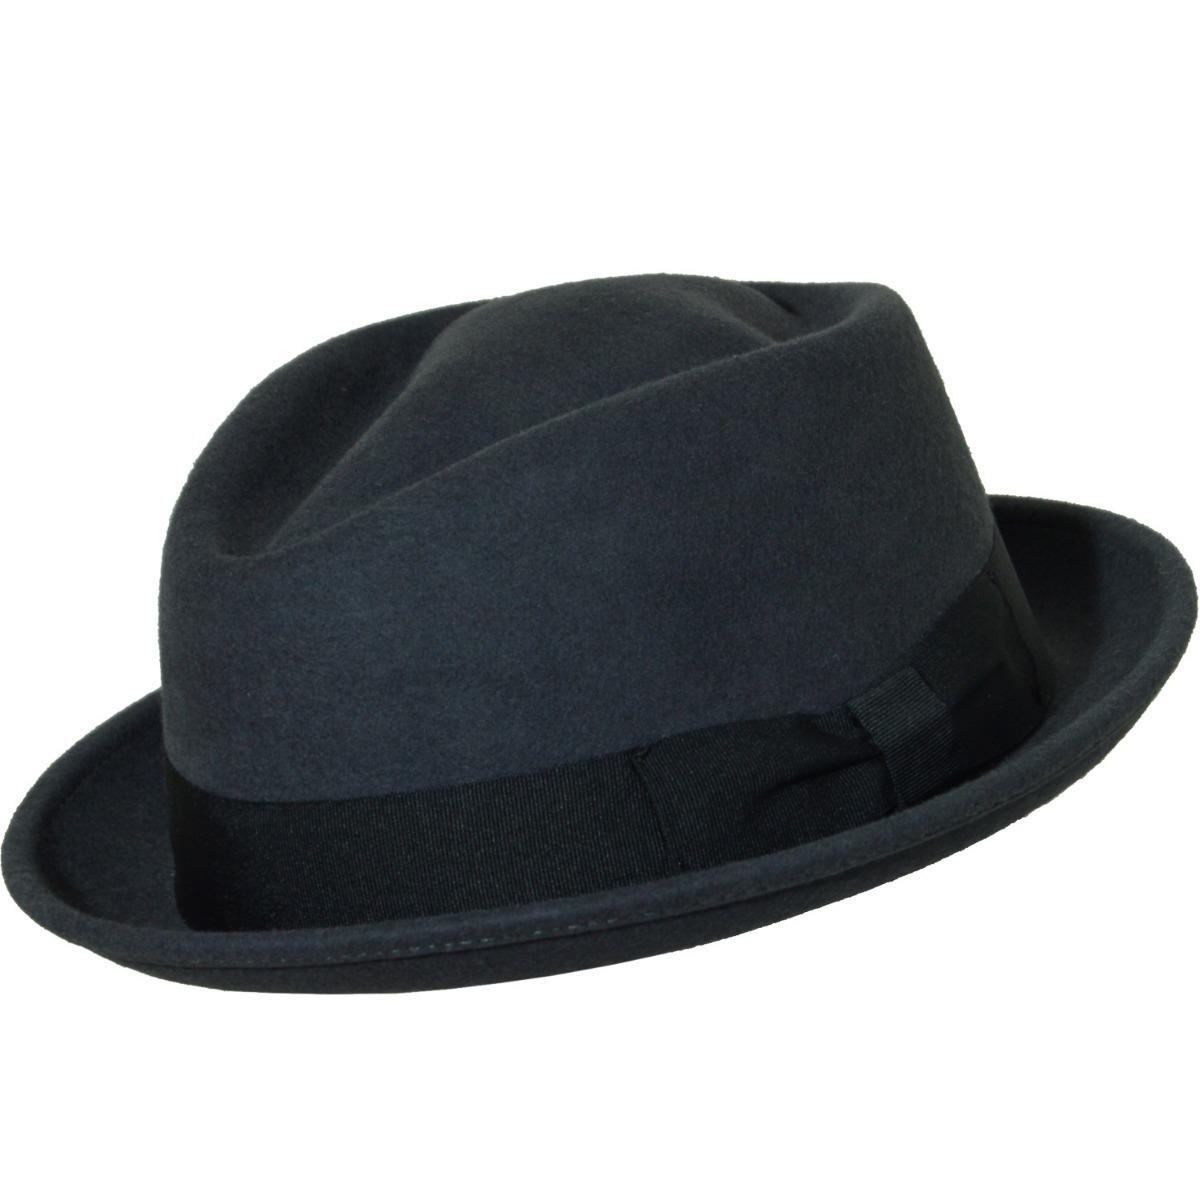 sombrero copa diamante jazz compañia de sombreros m71407115. Cargando zoom. 9d6cebcd8ed